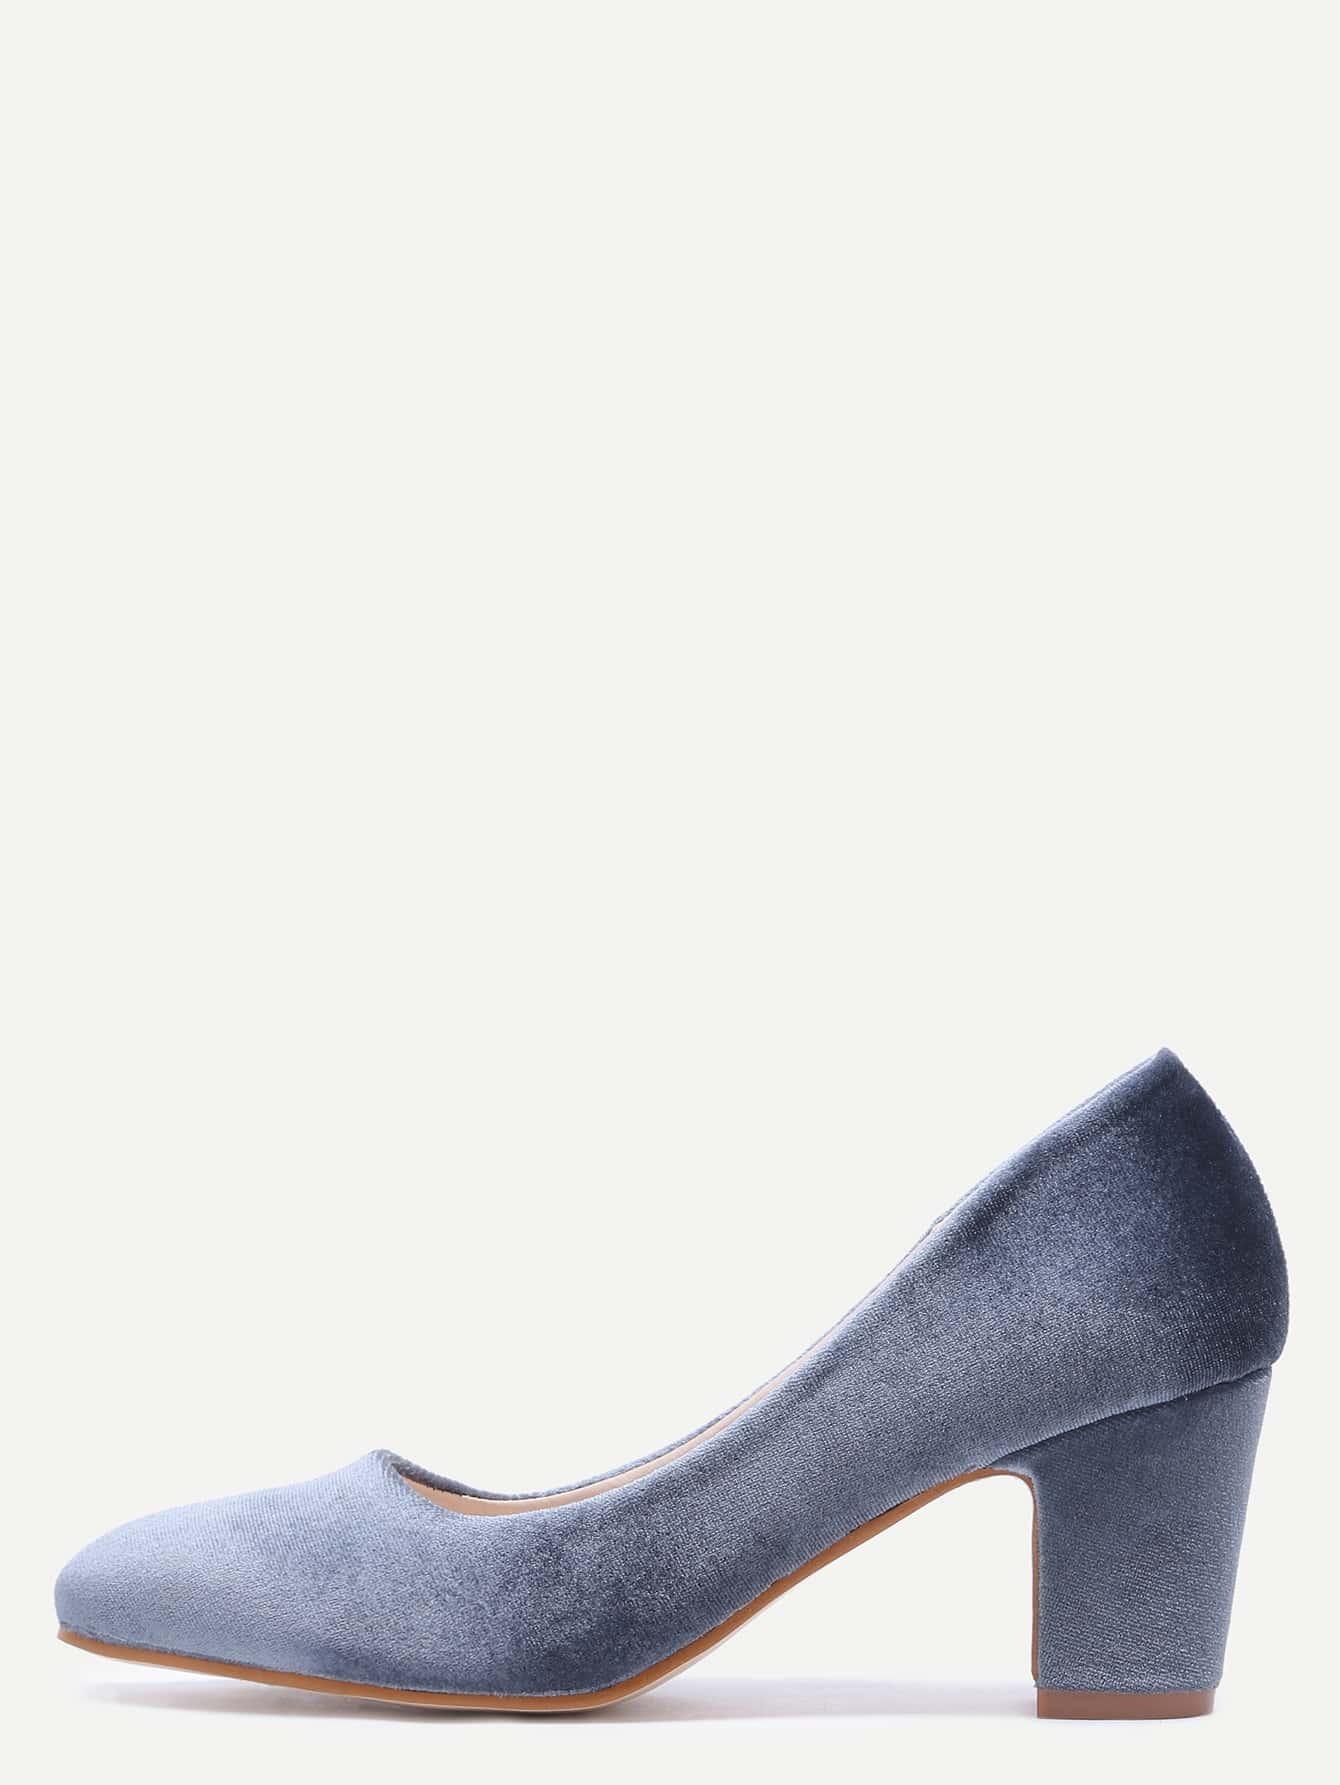 shoes161026802_2